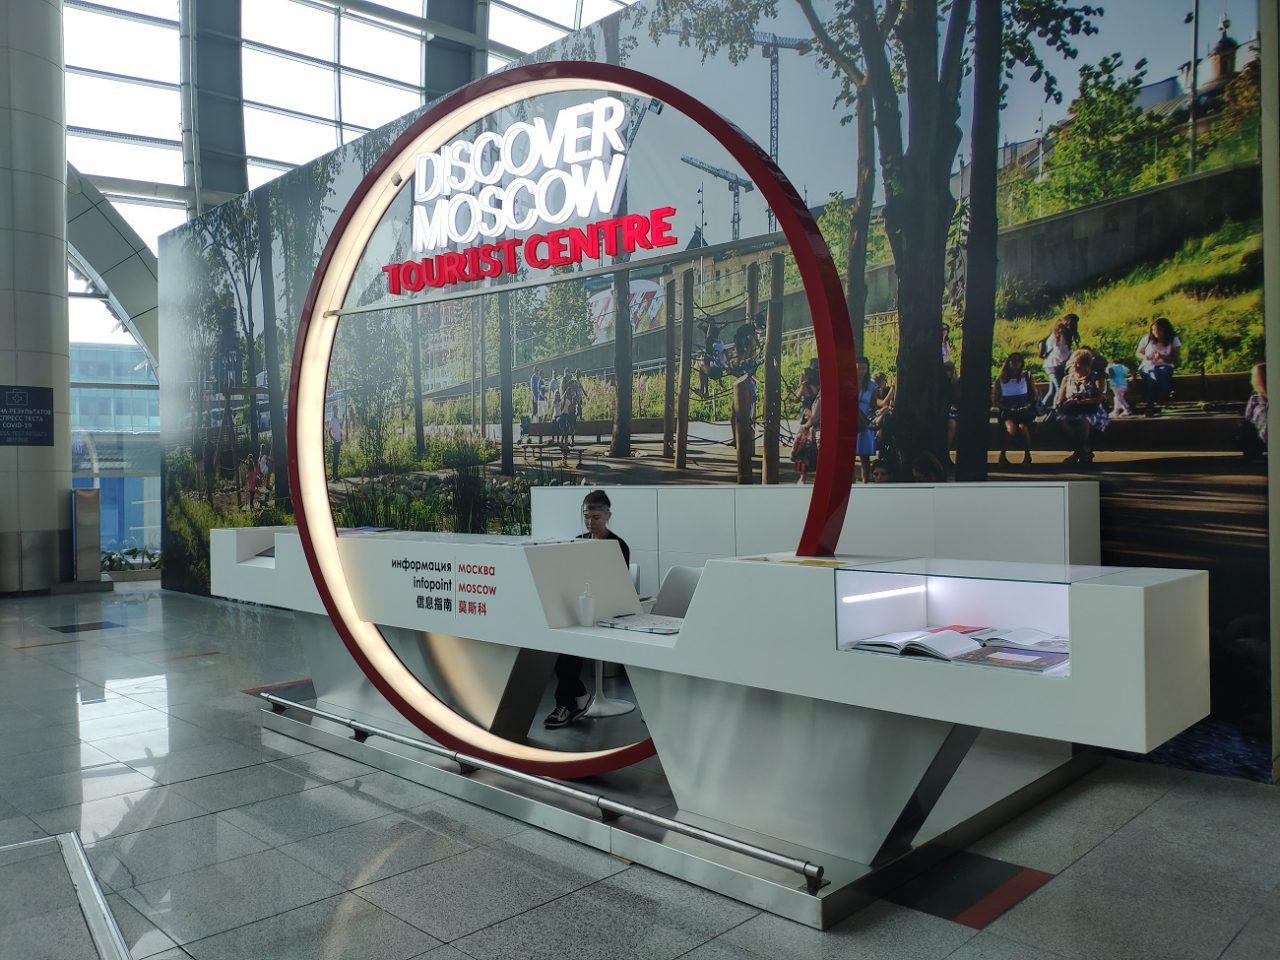 В аэропорту Домодедово открылся туристский информационный центр города Москвы